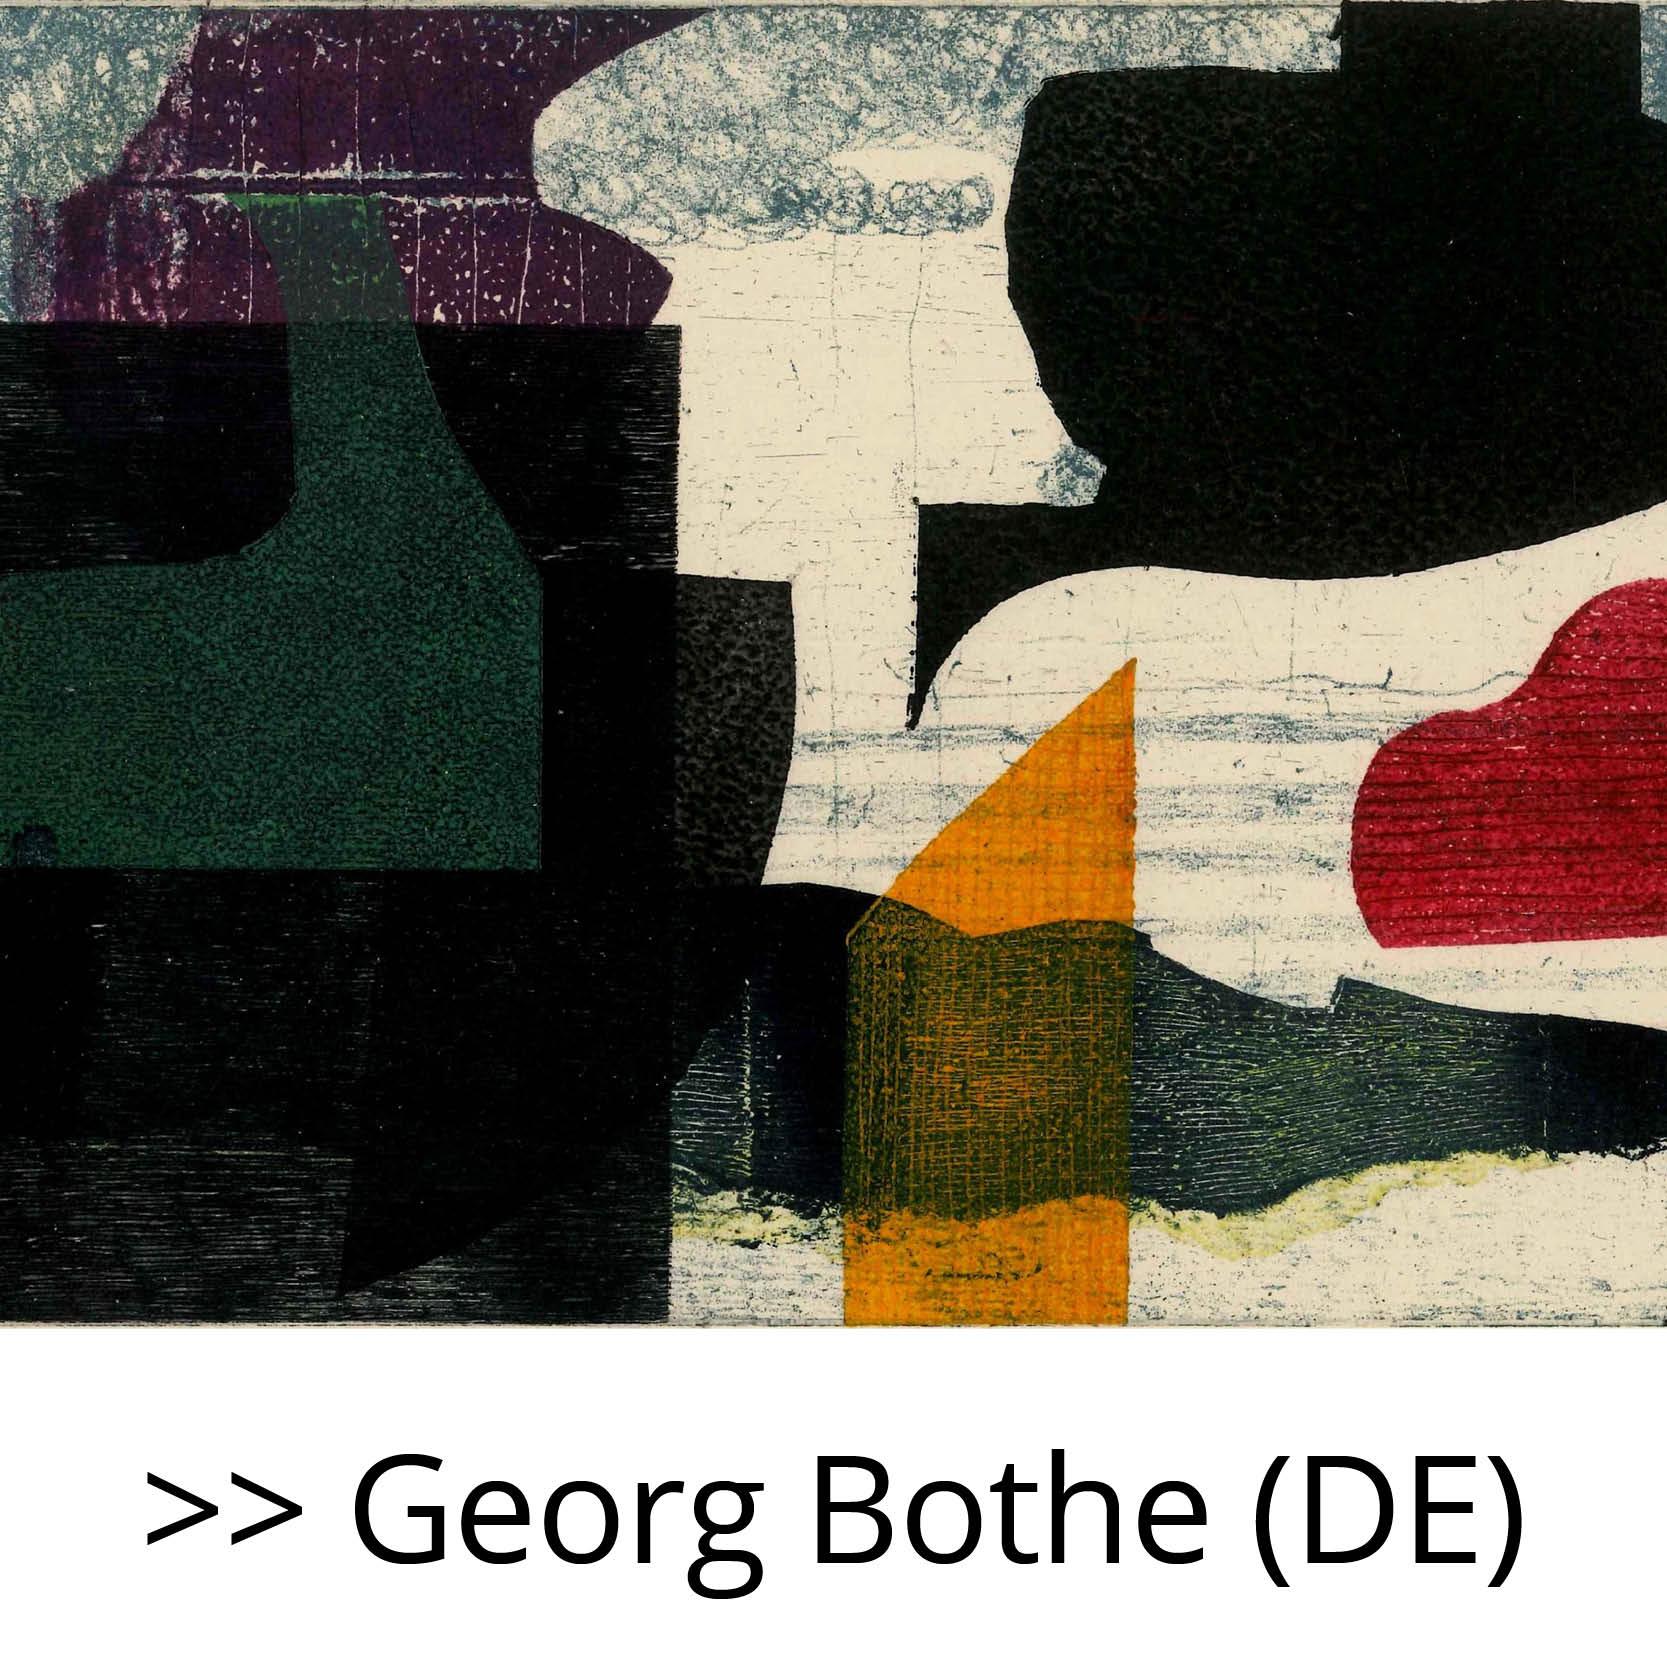 Georg_Bothe_(DE)